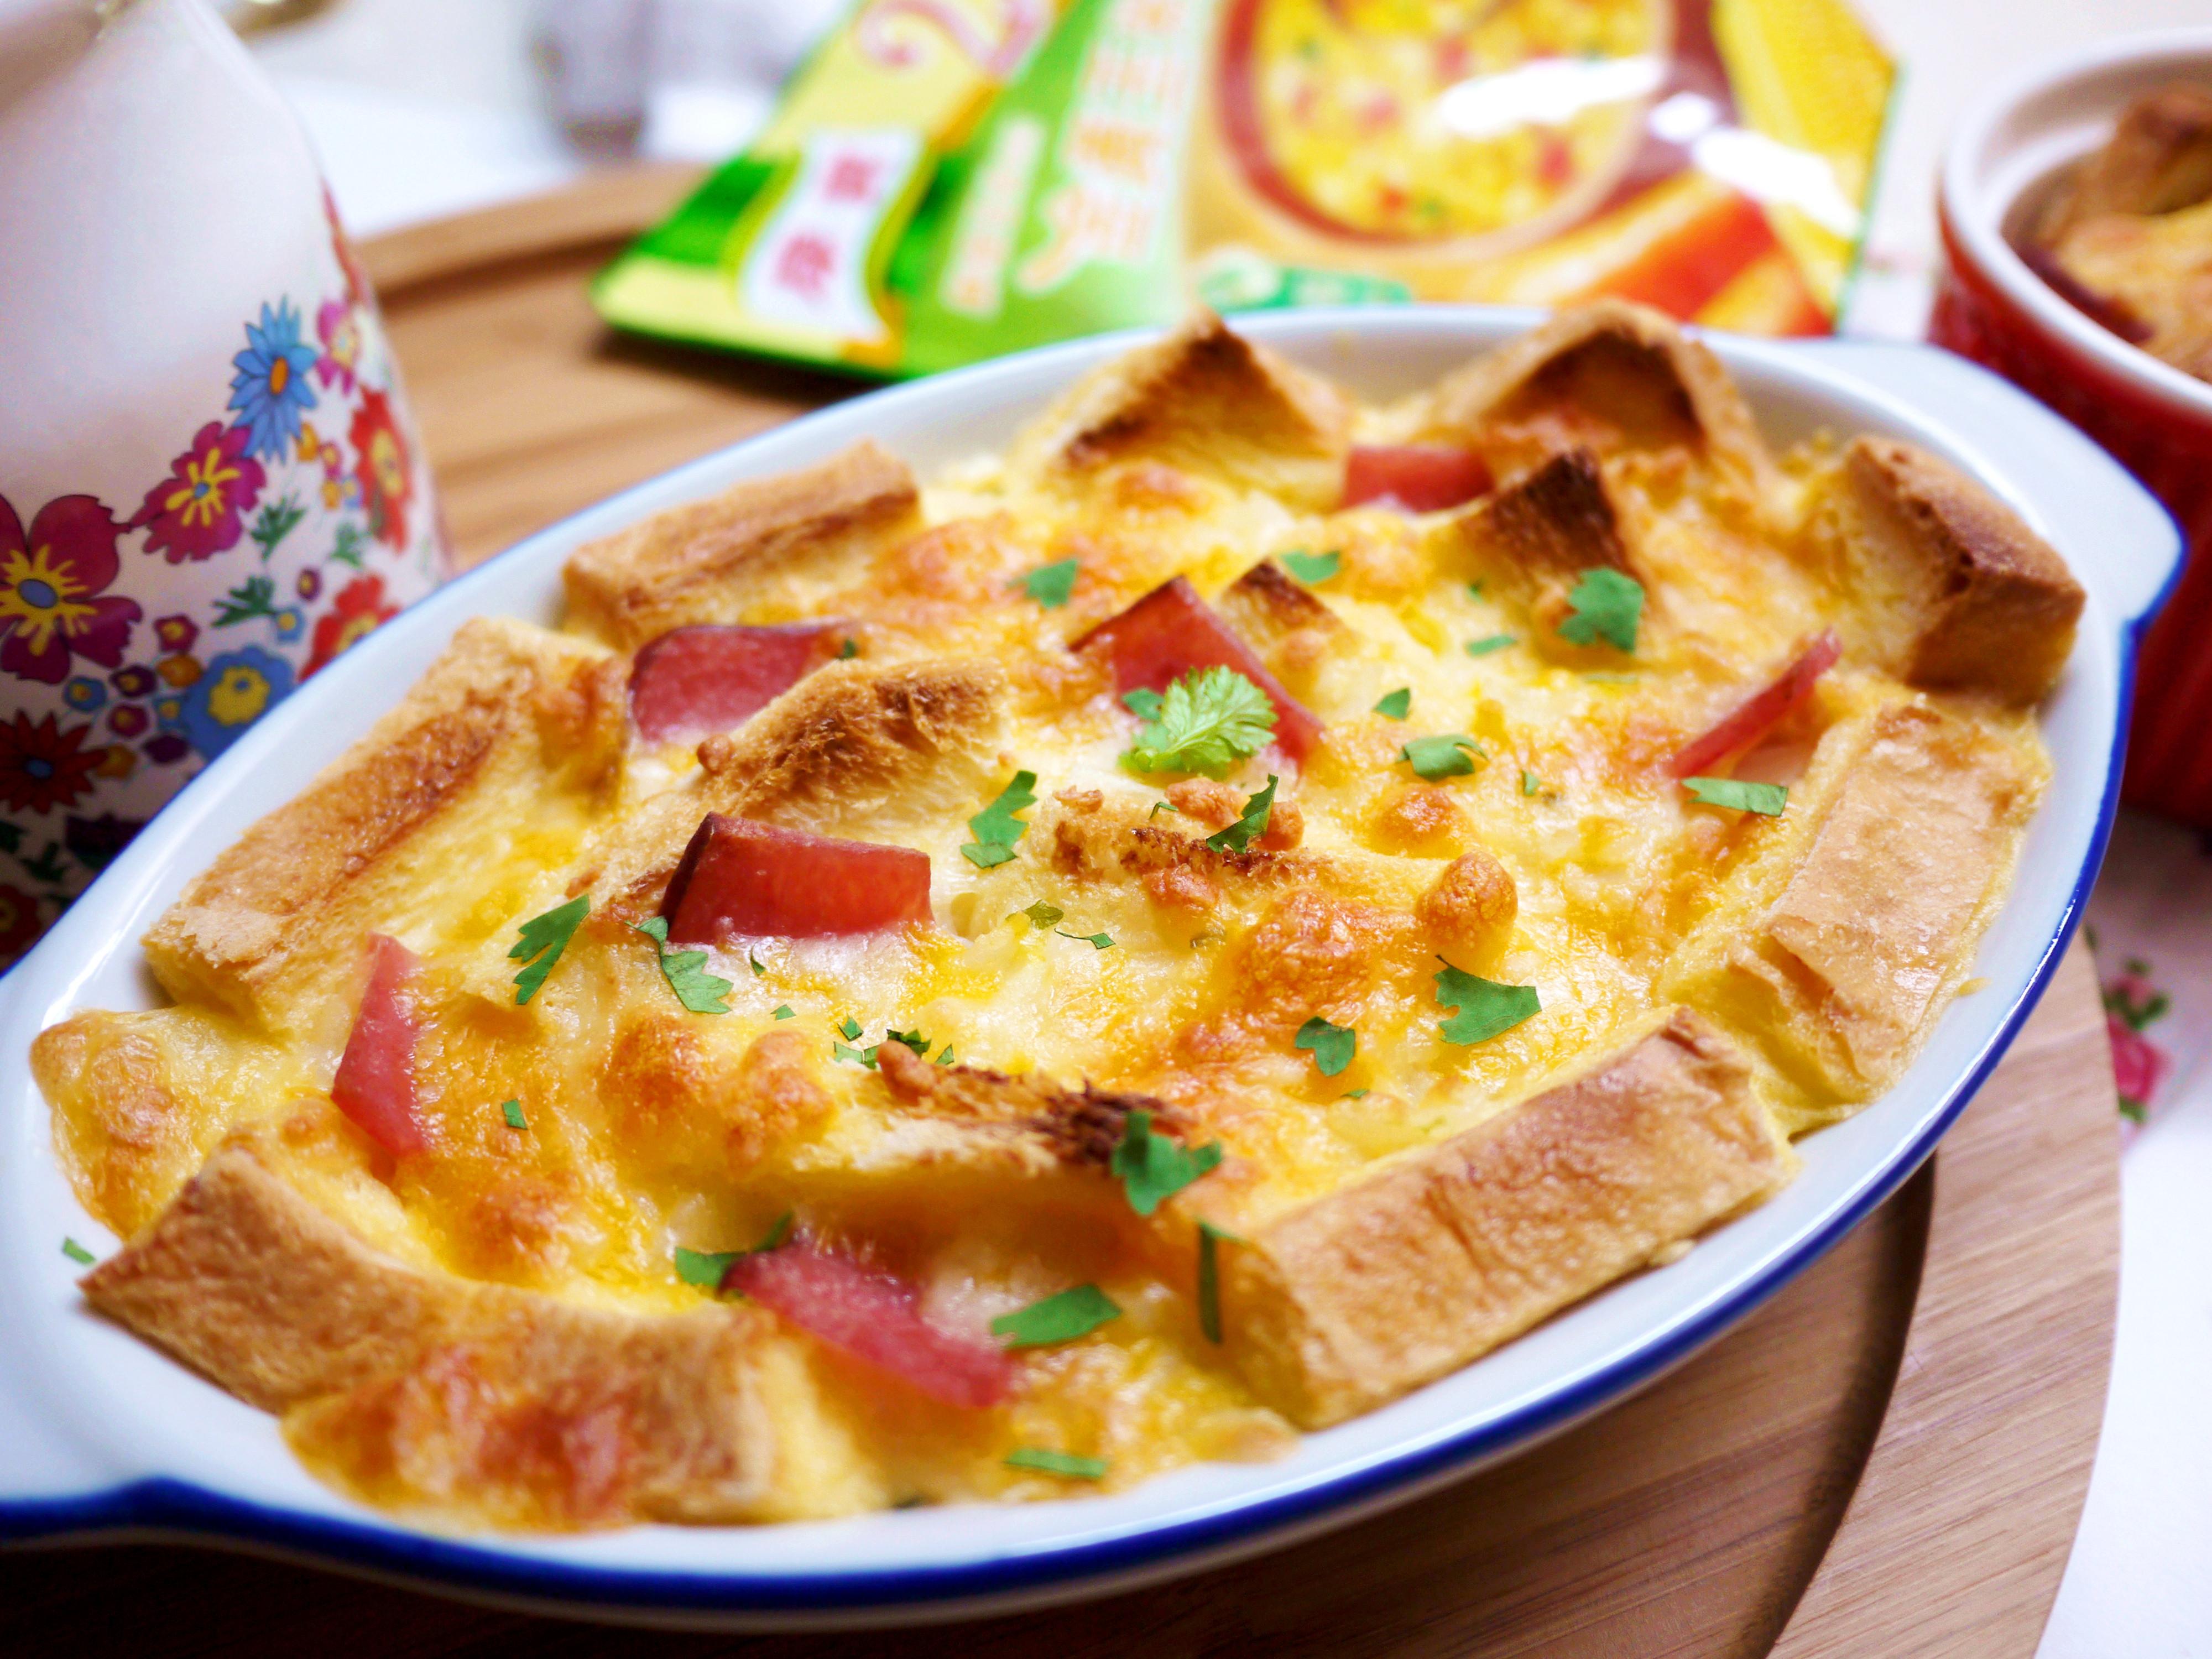 暖暖的~焗烤麵包布丁玉米粥